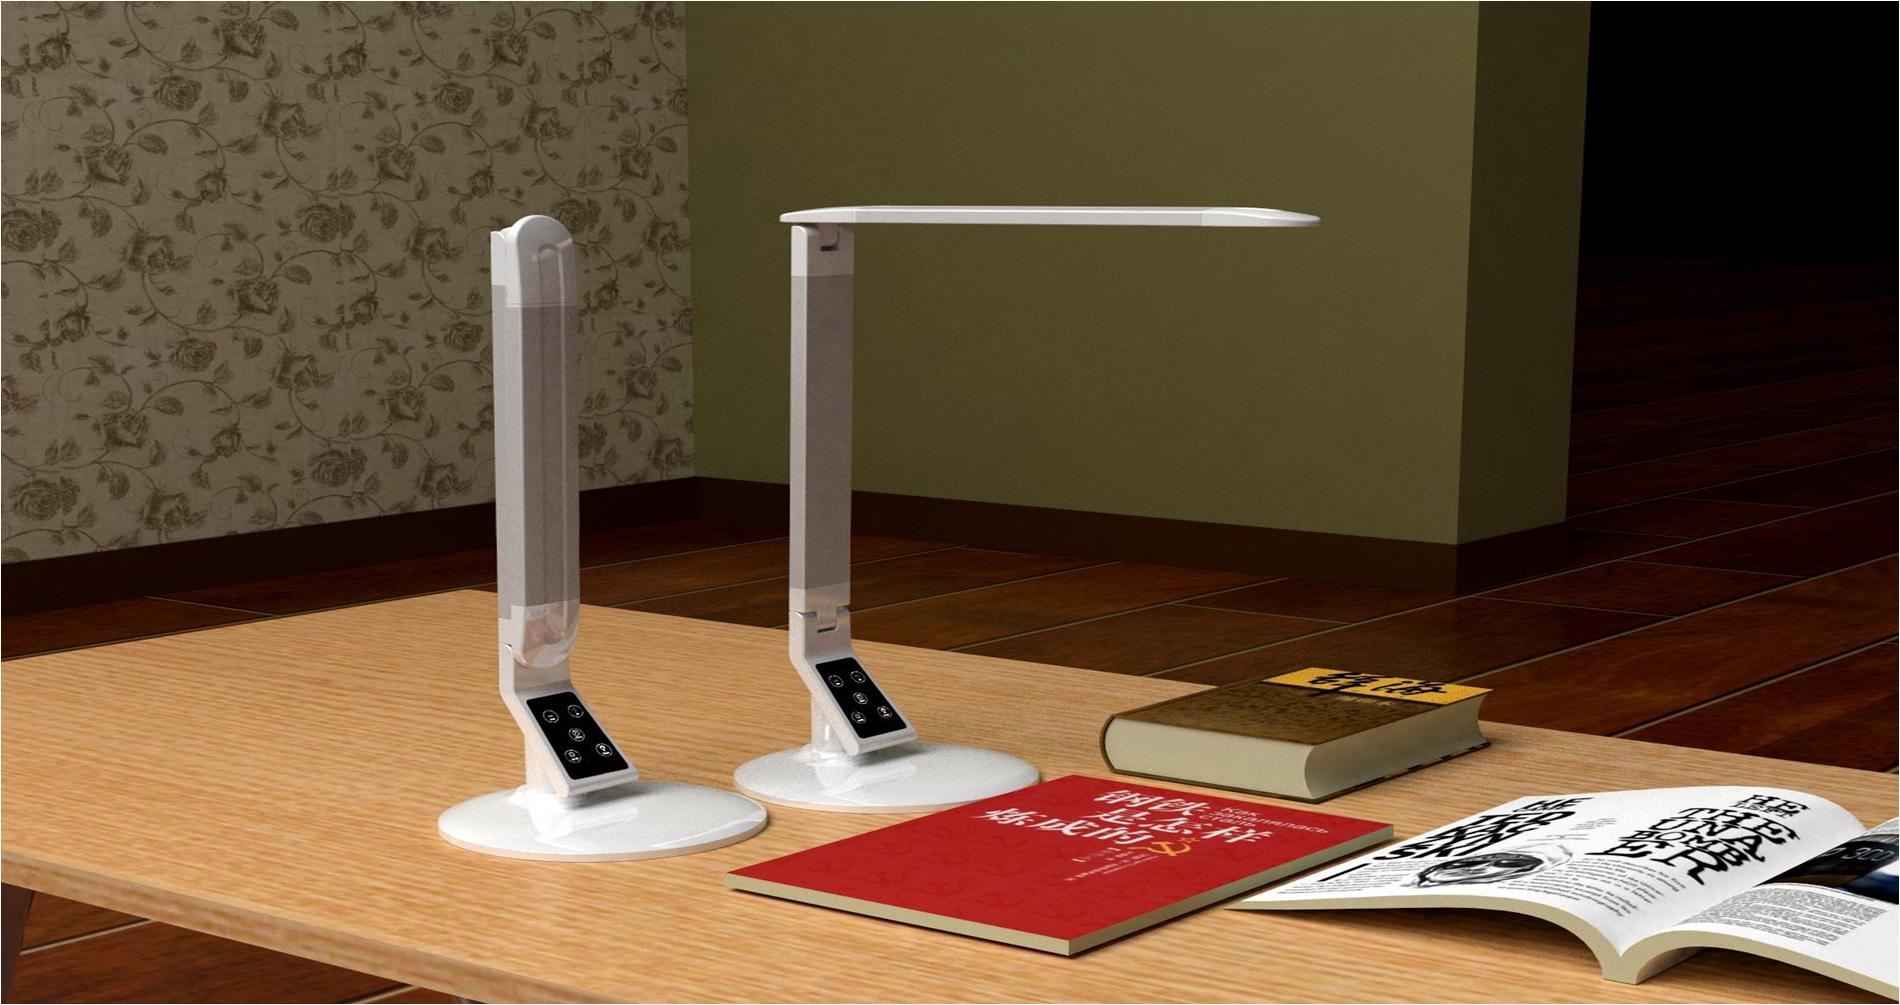 extreme-desk-lamp-x100-silver-lampada-regolabile-da-tavolo-60-led-controllo-temperatura-colore-intensita-timeout-memoria-bianca-e-argento-1